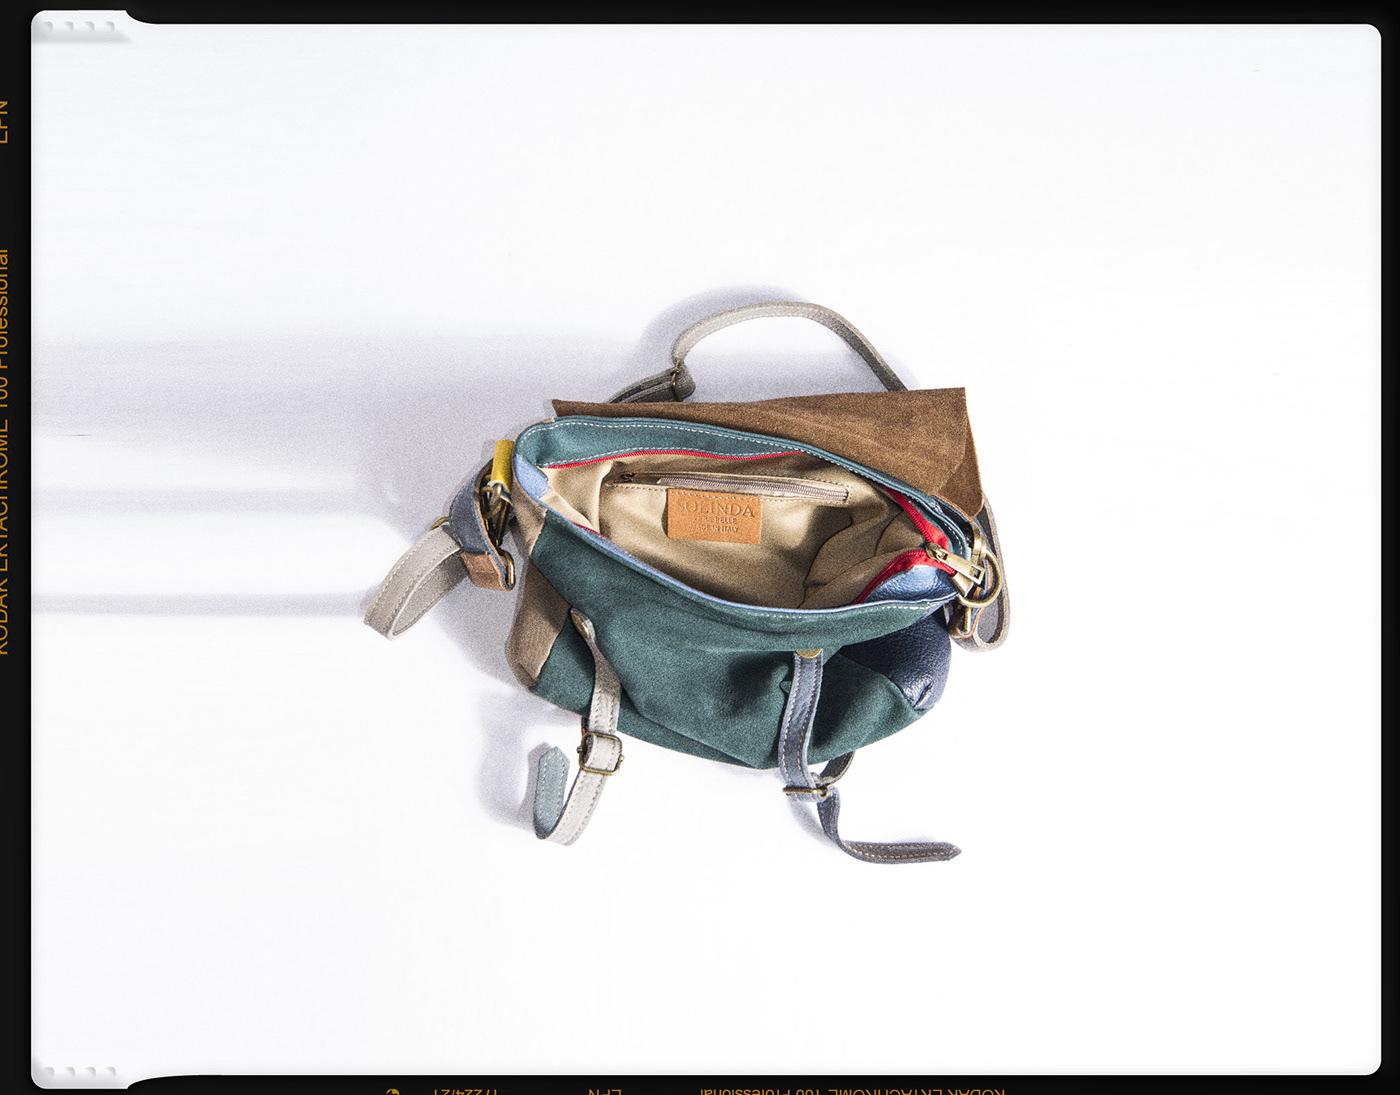 Solinda Pelle still life bag Still life bag